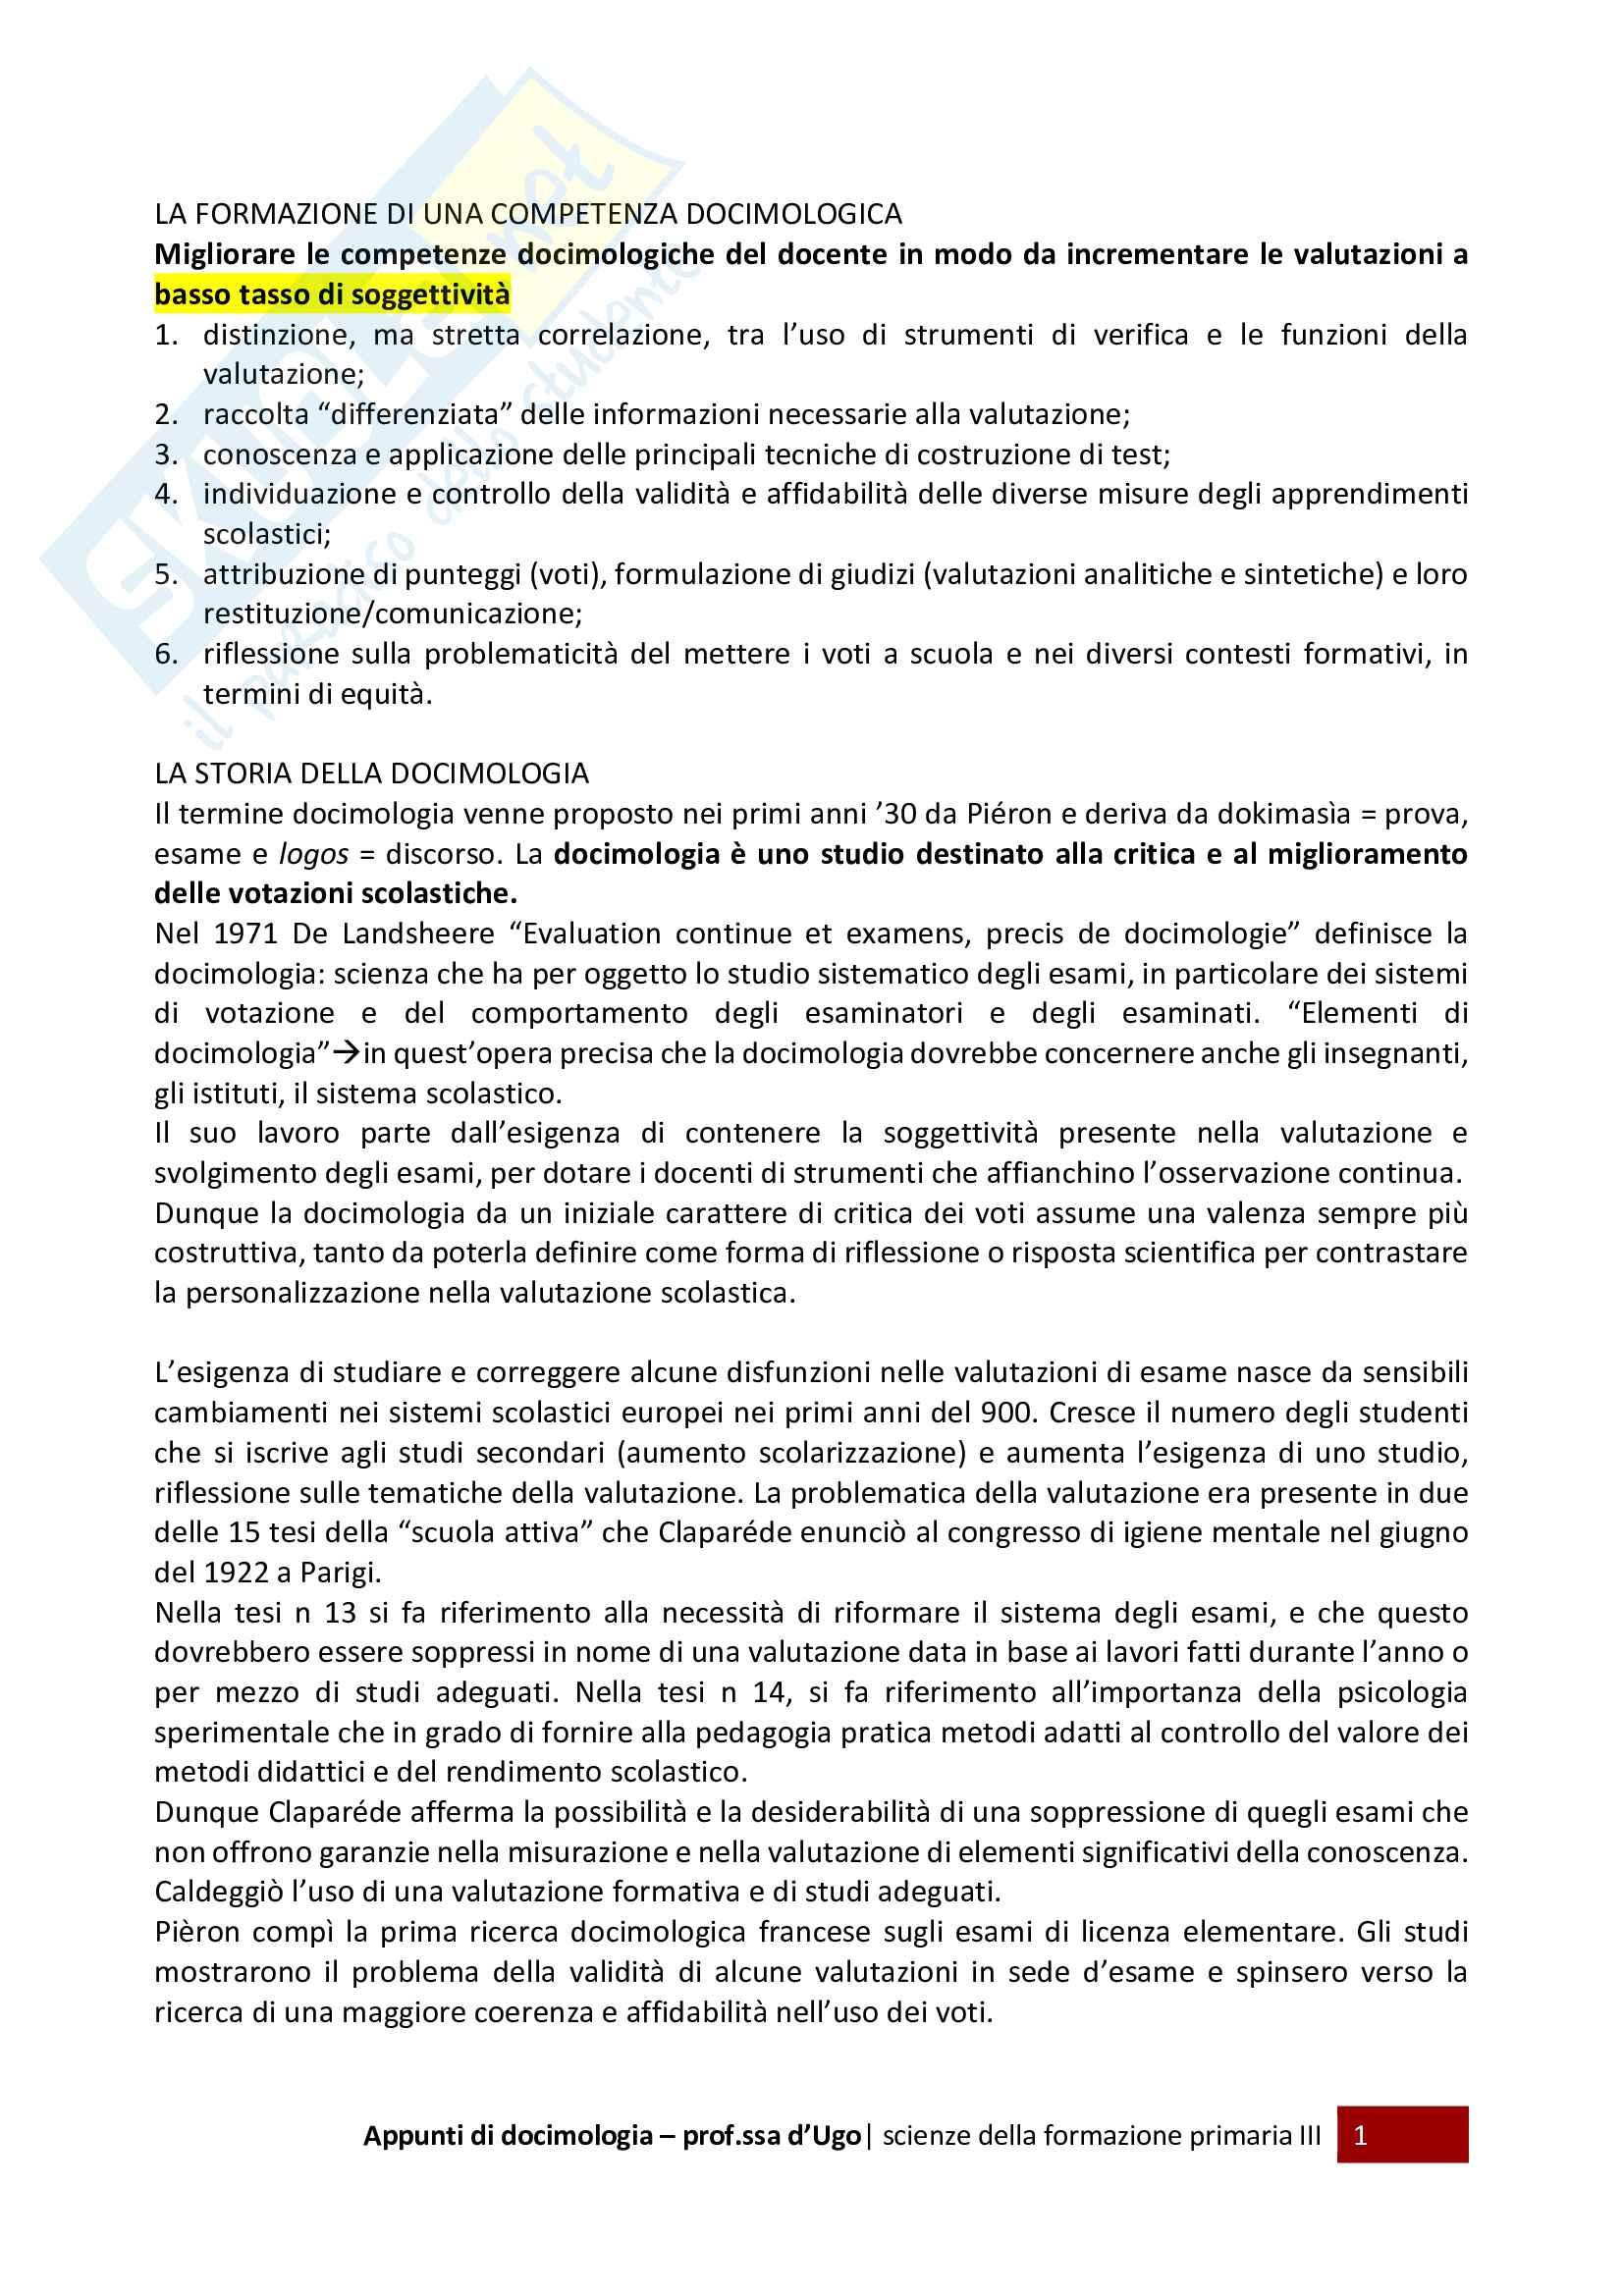 Appunti per l'esame di docimologia, prof.ssa d'Ugo